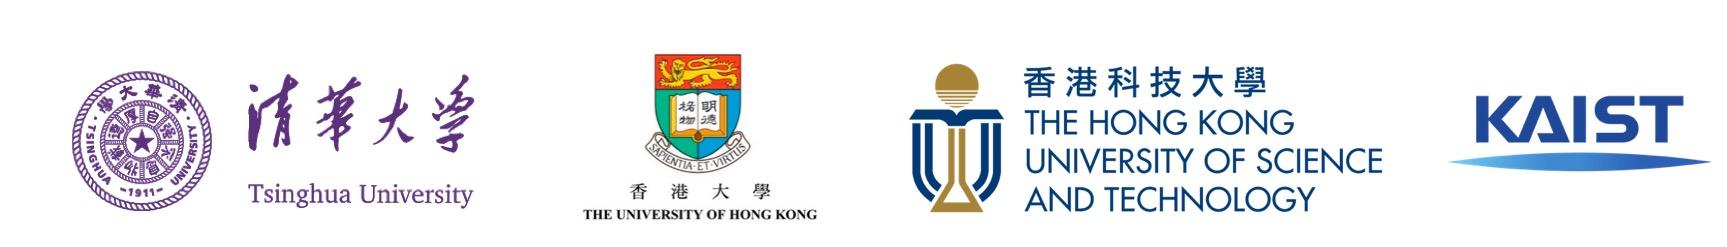 asian-uni-offer-logos-20200428-114354-748